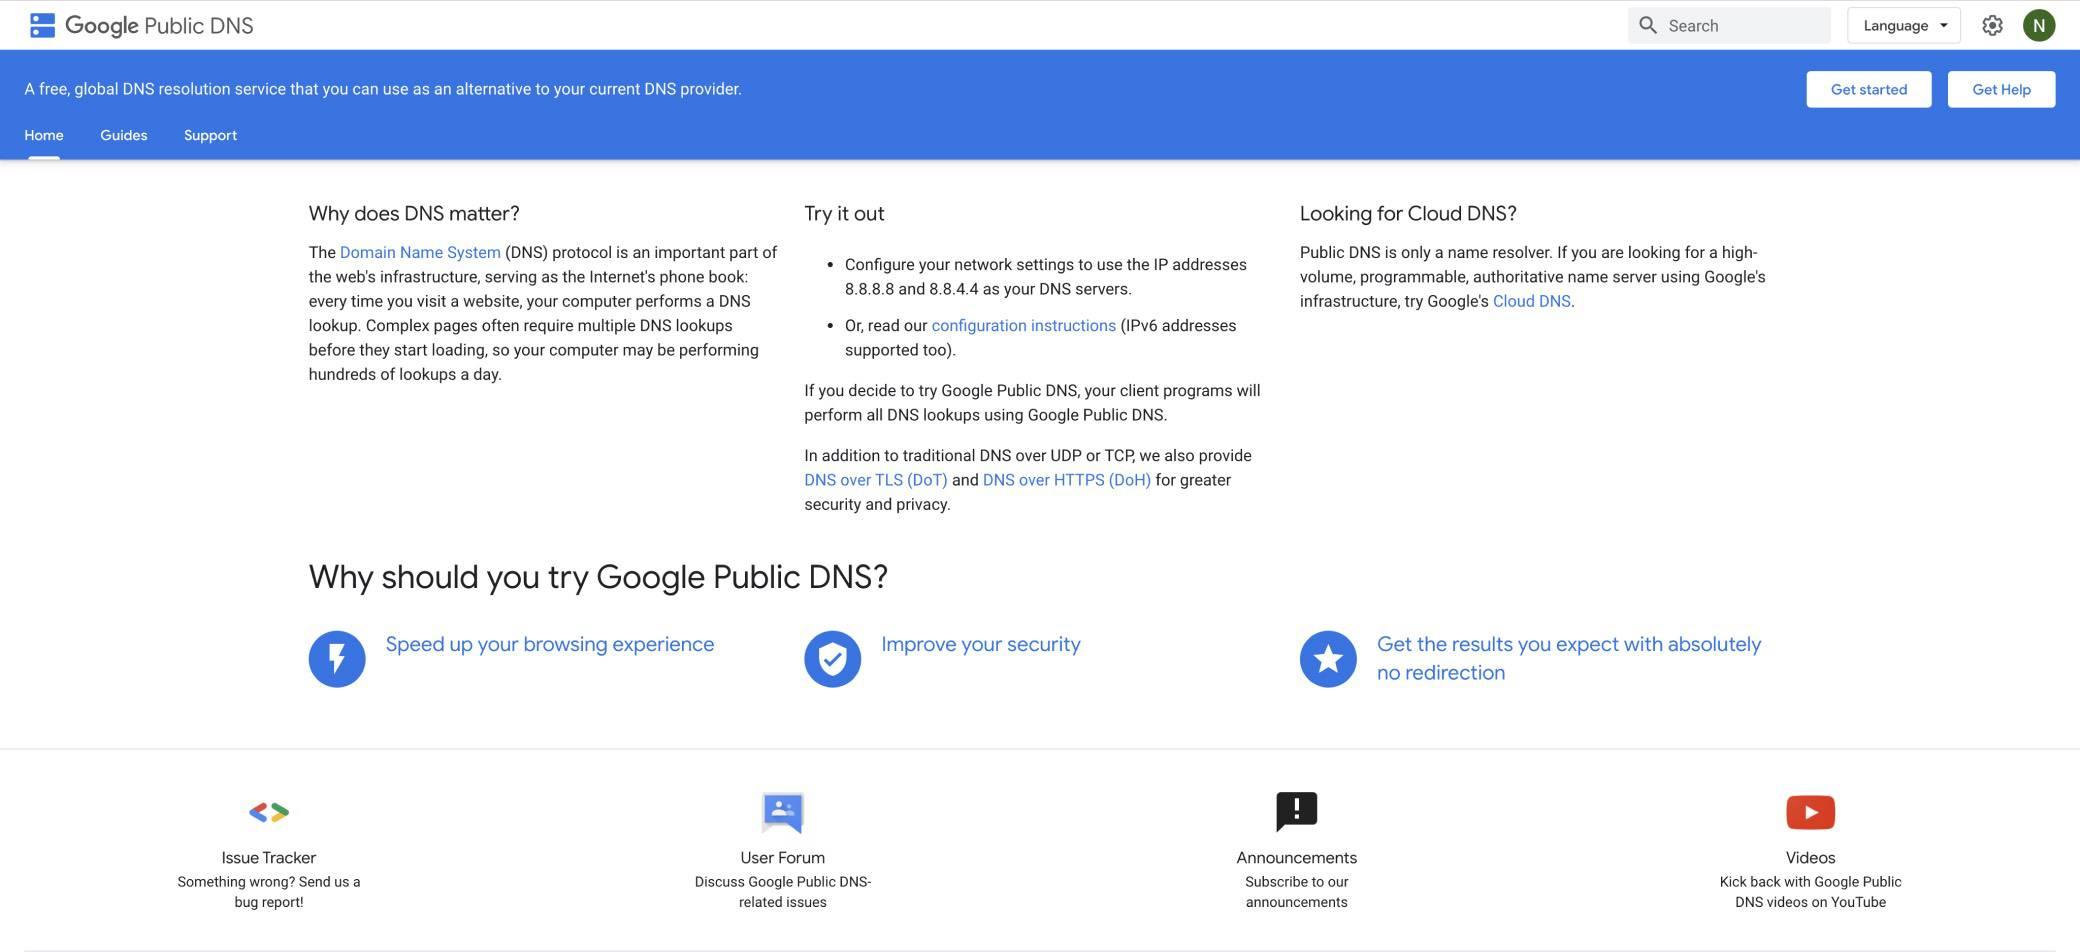 google-public-dns image